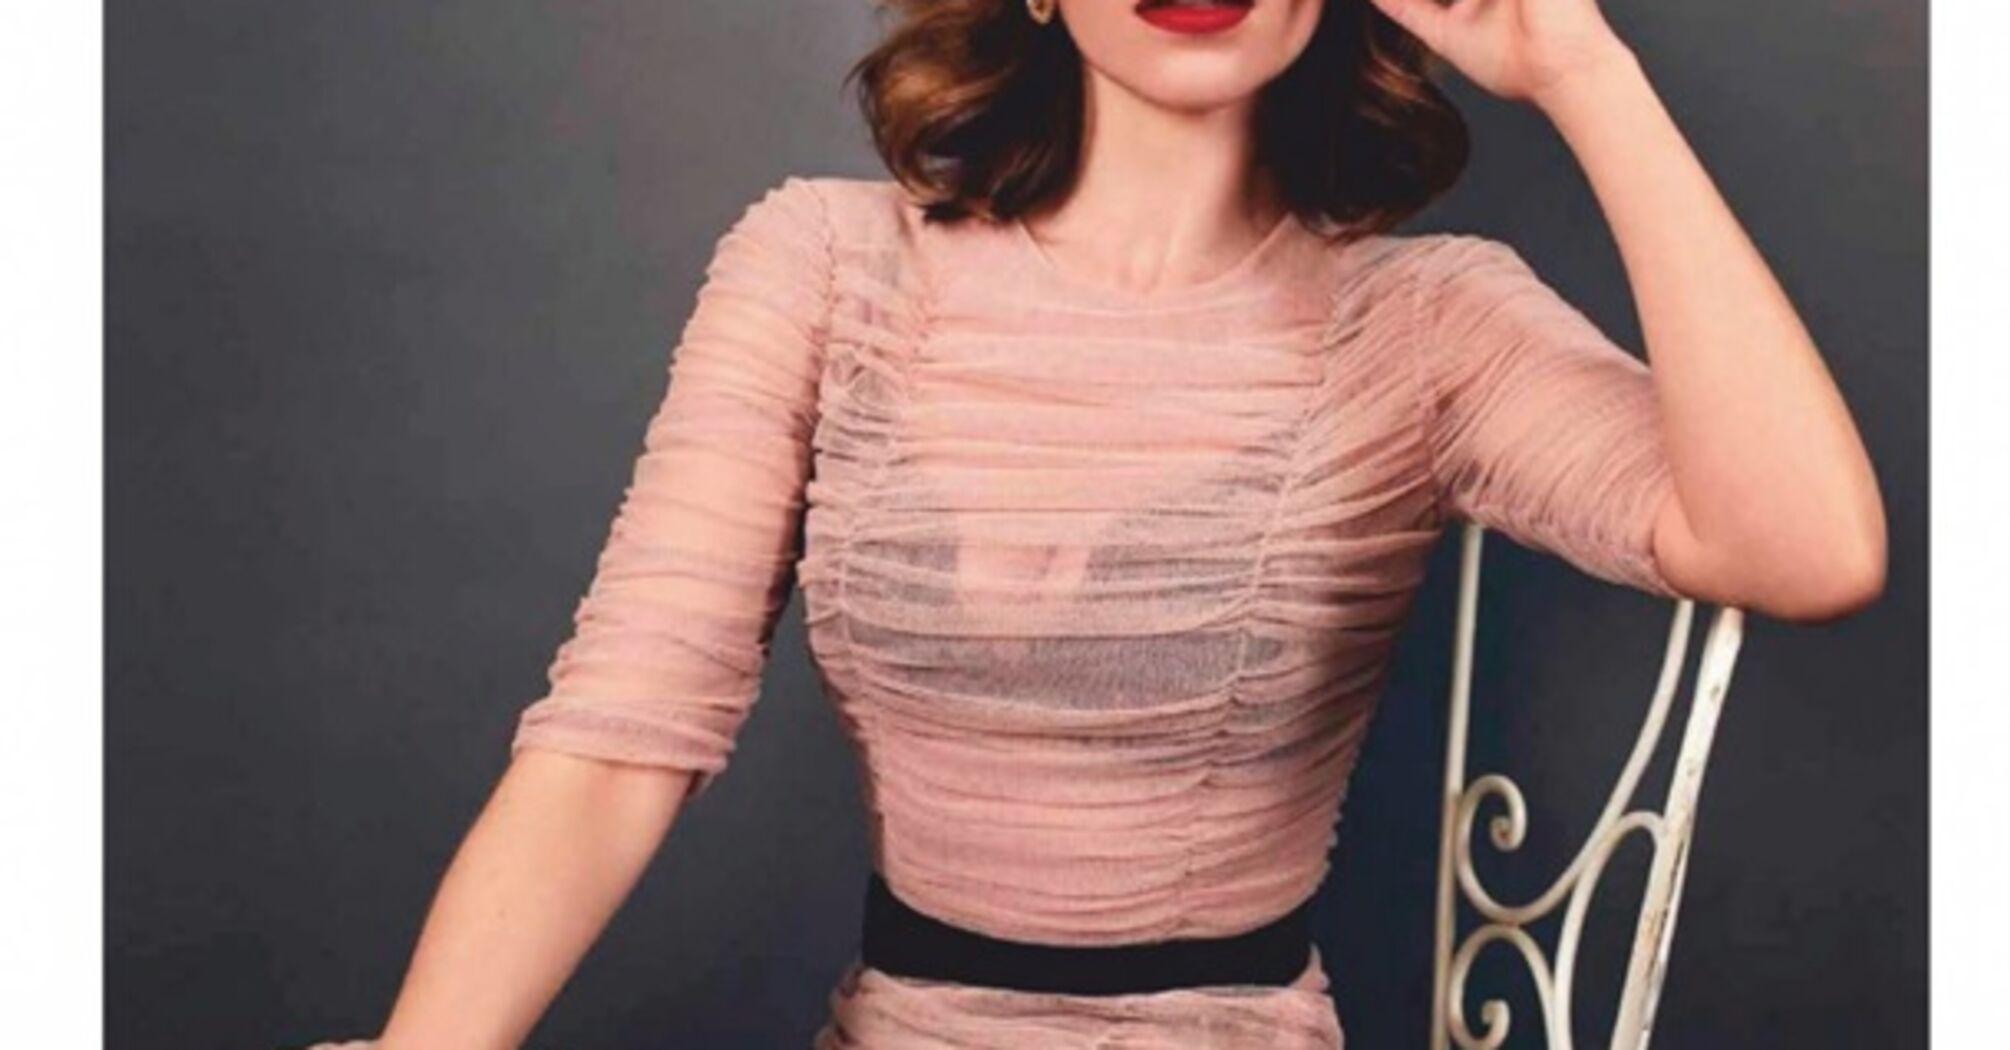 Похудевшая Эмилия Кларк снялась в пикантных образах